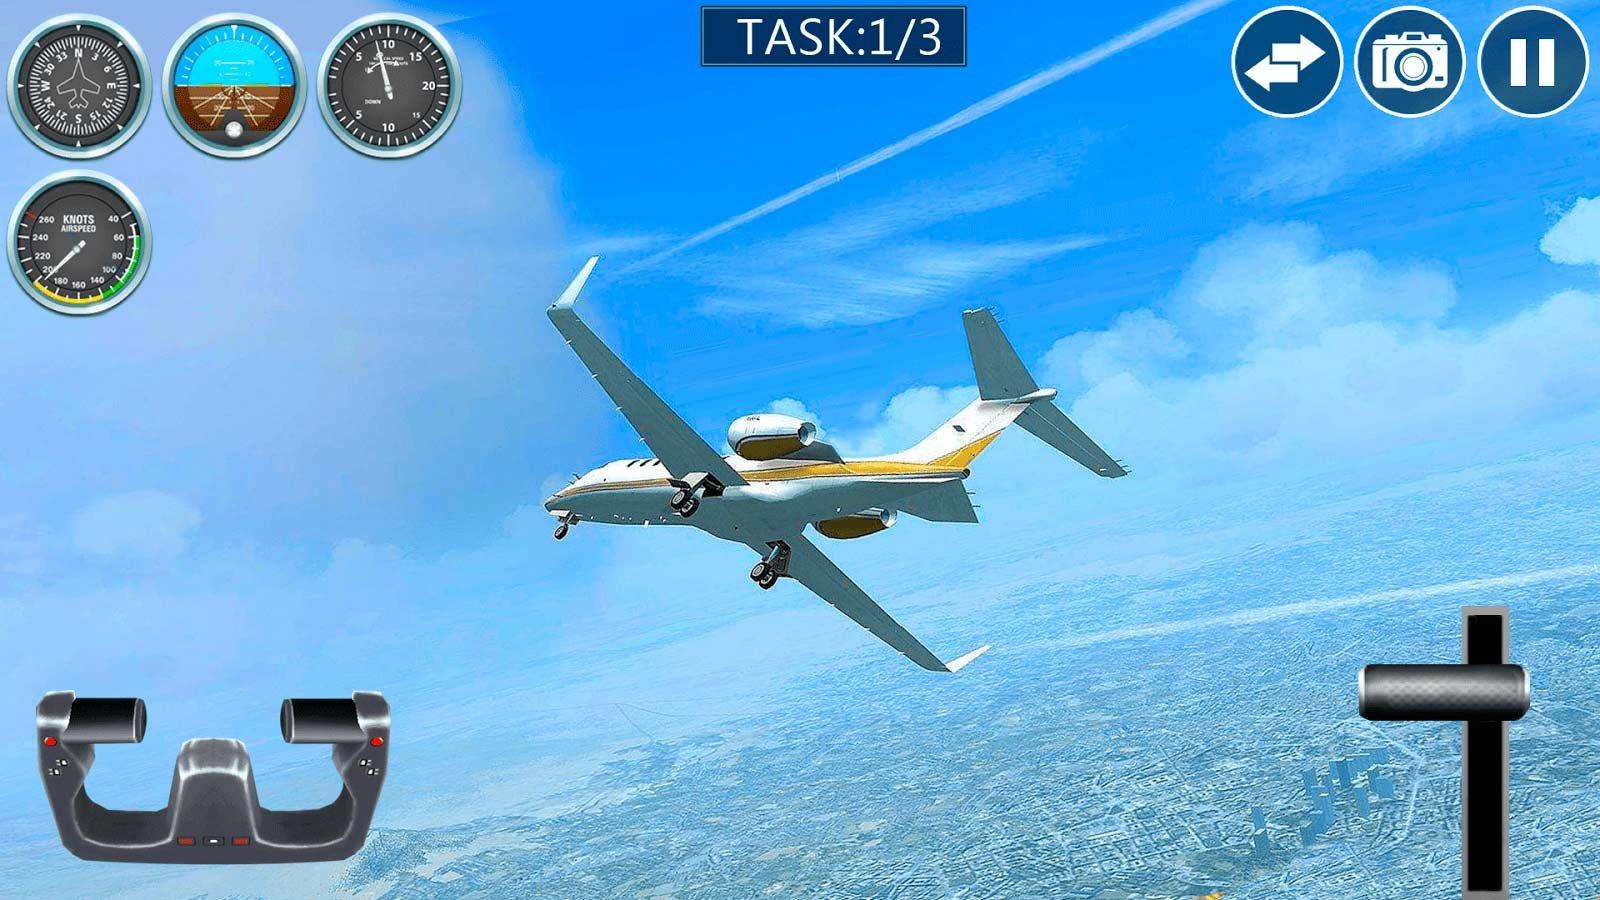 Скачать игру самолет: настоящий симулятор полета на андроид.